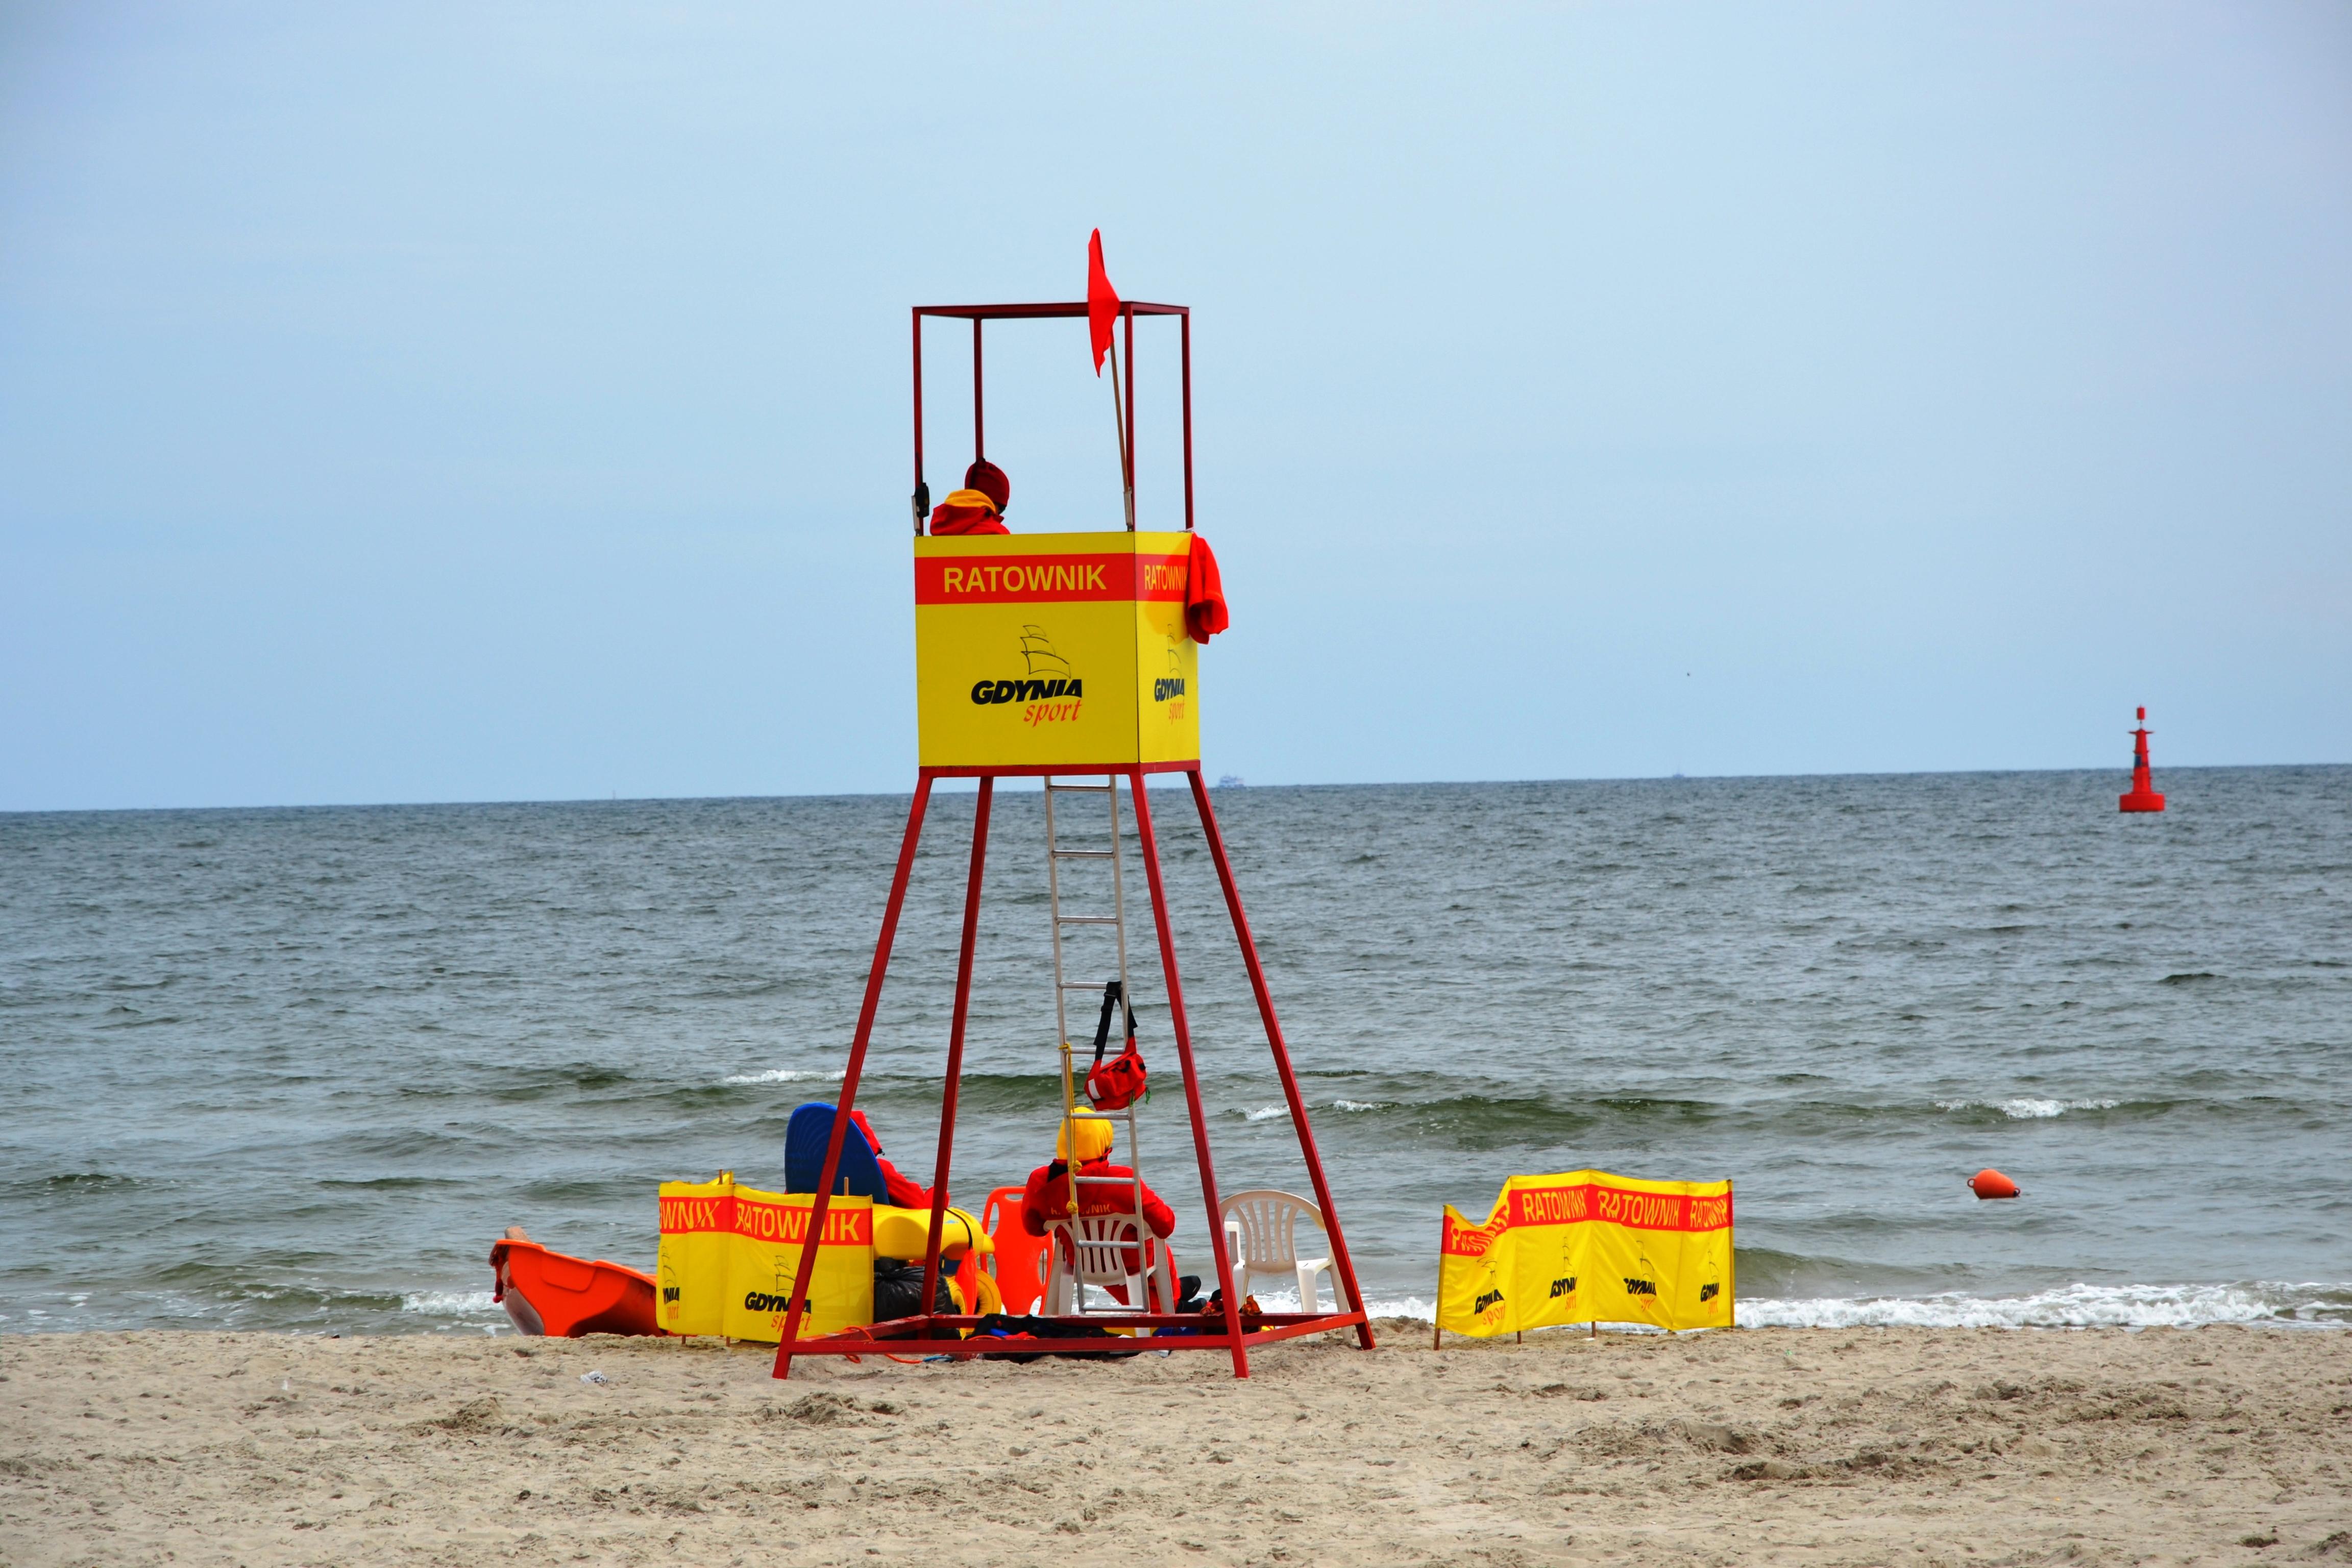 kolor-flagi-na-plazy-zbierajsie-morze-kapielisko (2)